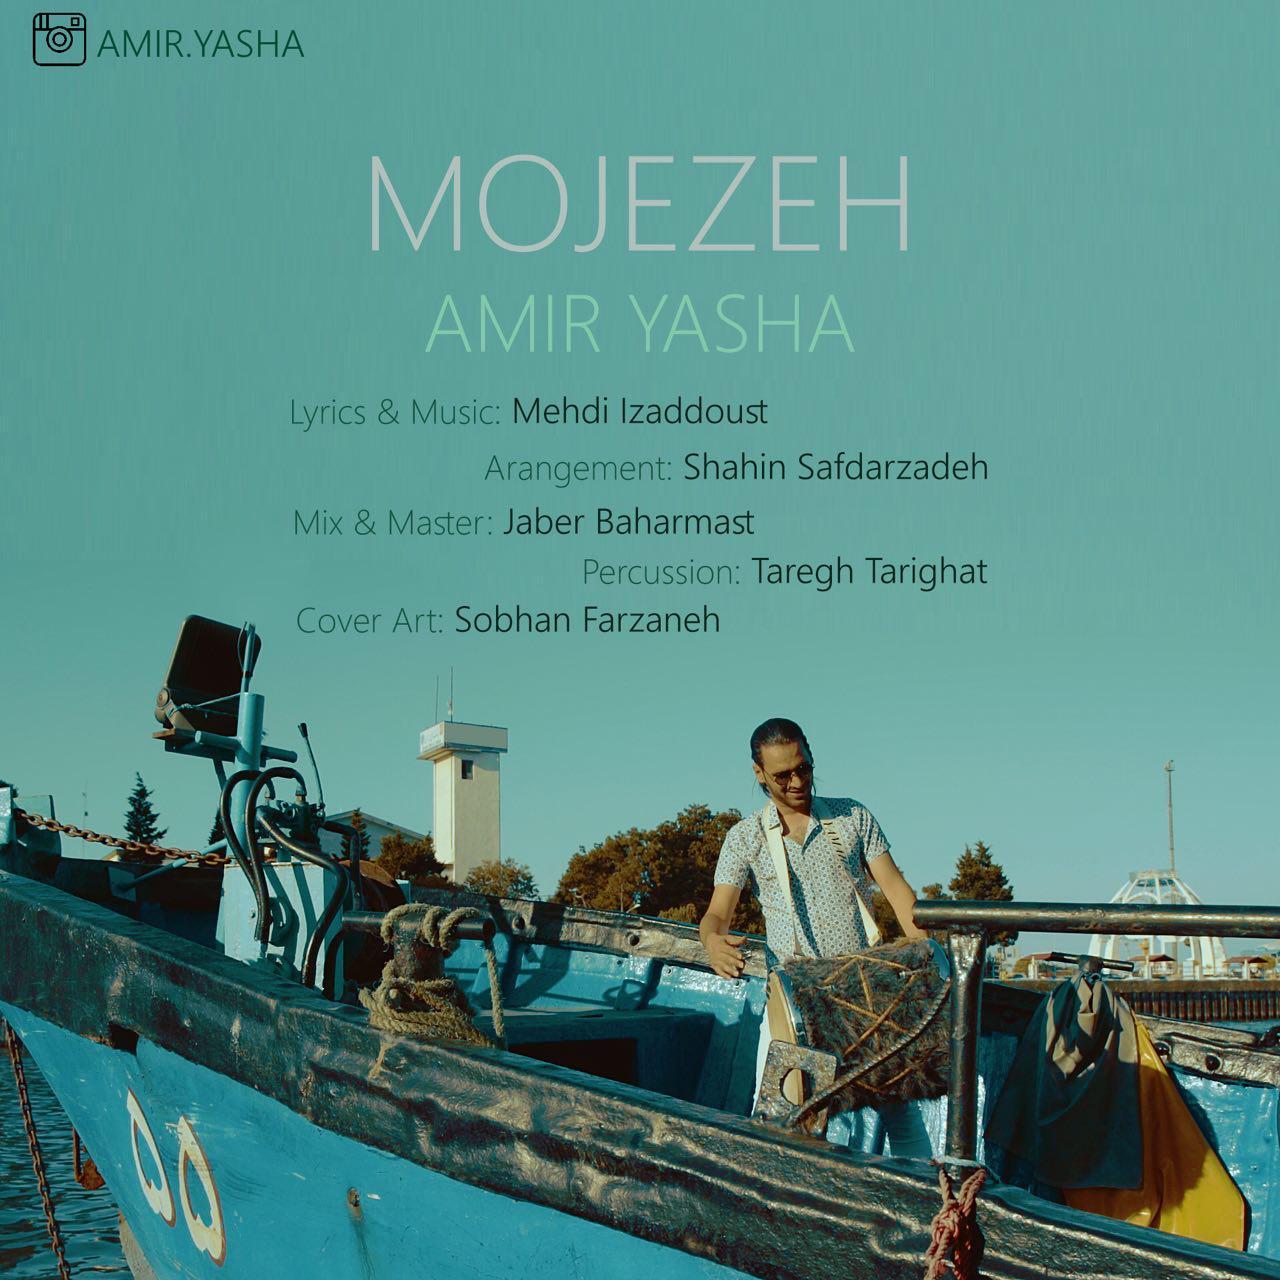 Amir Yasha - Mojezeh